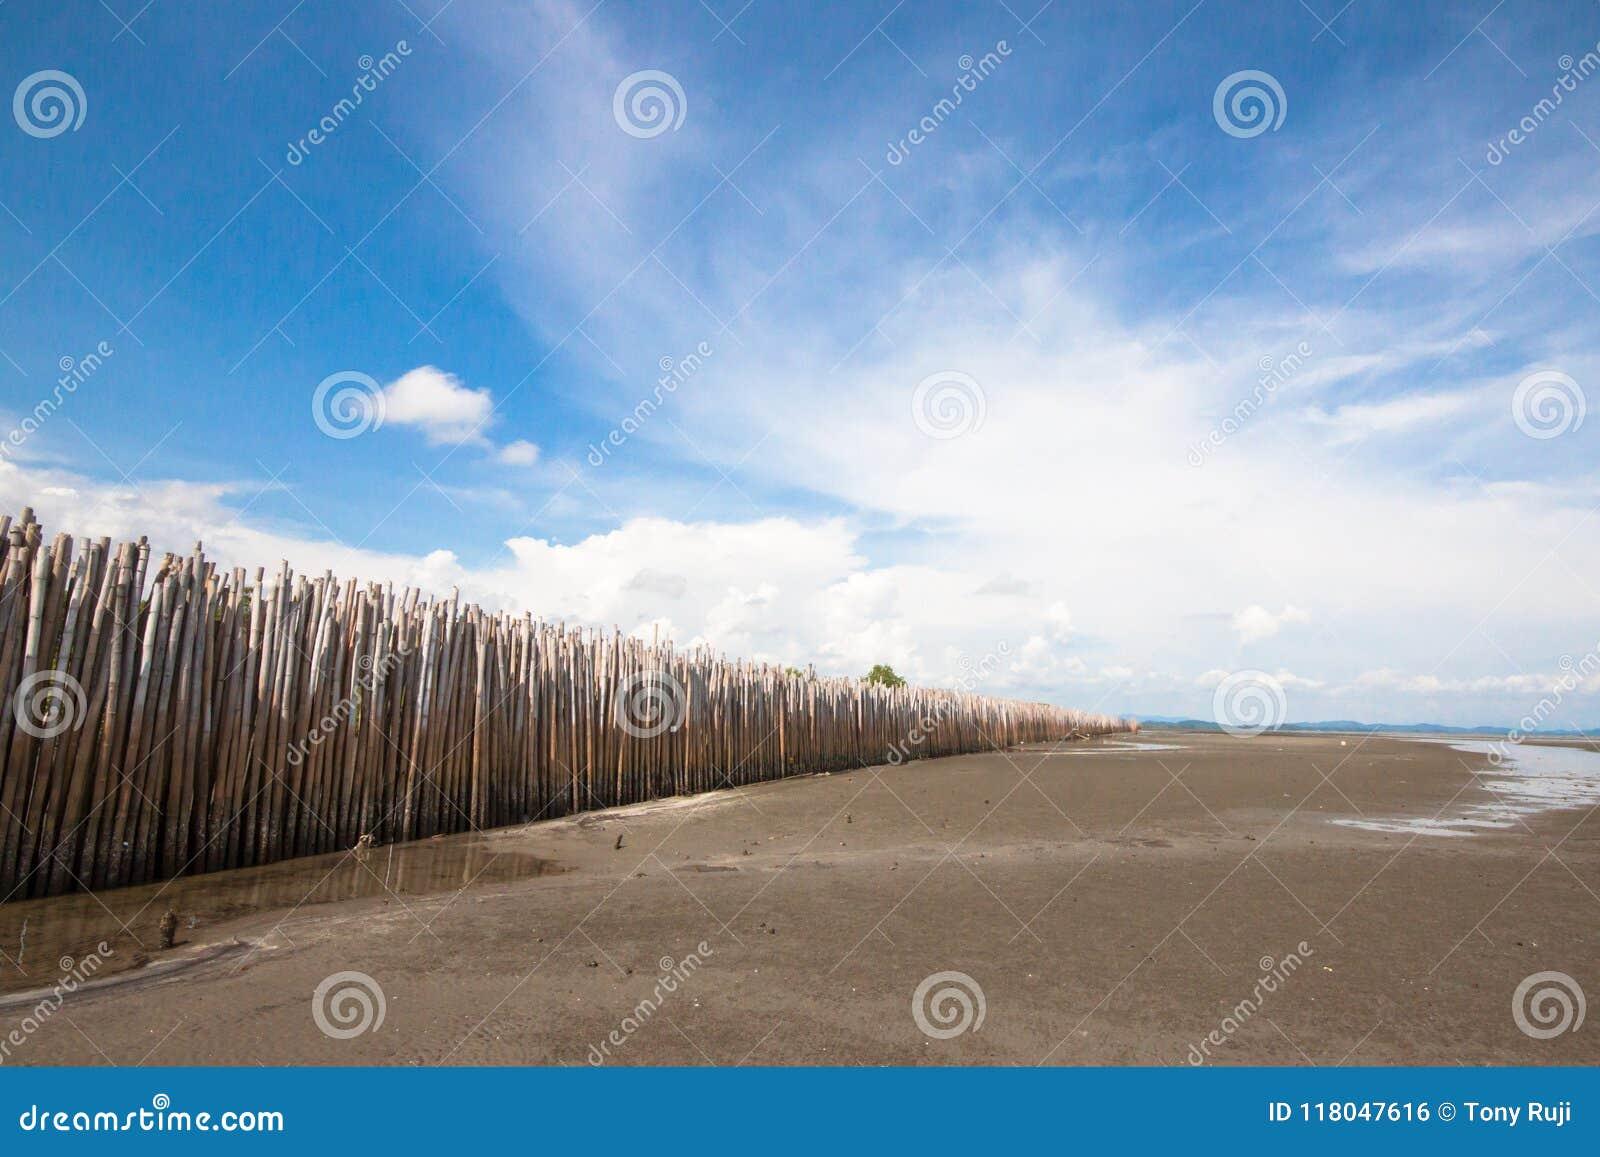 Bamboo barrier